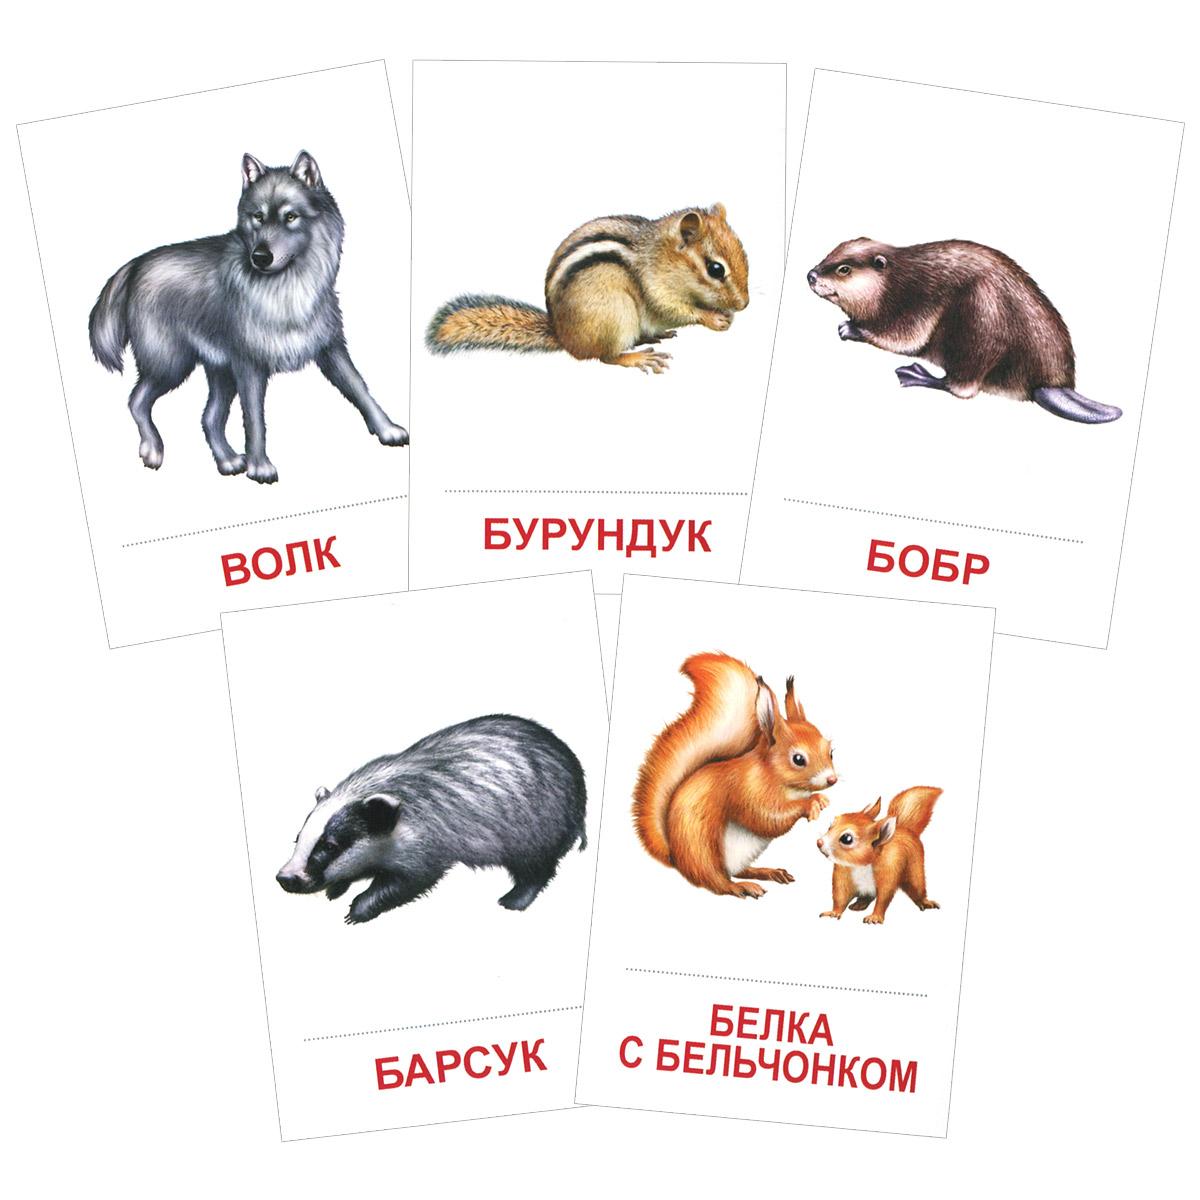 Дикие животные (набор из 16 карточек)12296407Карточки для развития ребенка станут незаменимым помощником при знакомстве малышей с окружающим миром. В этот набор вошли карточки с фотографиями диких животных: бобра, белки, барсука, змеи, ежа и других. В наборе 16 карточек из картона с красочными запоминающимися картинками и подписью под каждым рисунком. Размер карточки: 8,7 см х 6,3 см.